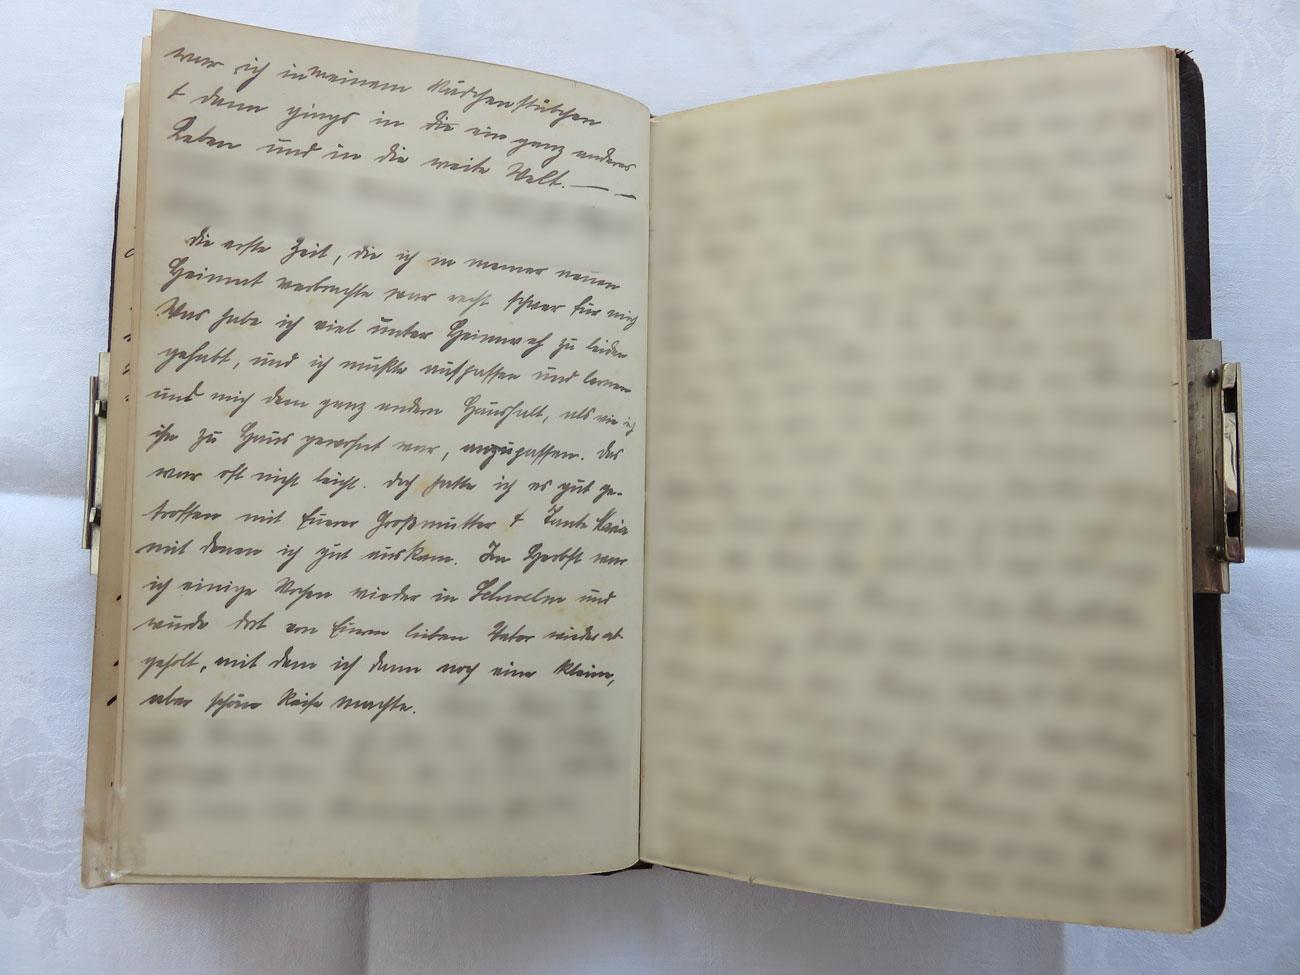 """Extrait du journal intime de / Ausschnitt aus dem Tagebuch von Hedwig Schmitz-Fürstenberg, 1912-1916 © Hedwig Schmitz-Fürstenberg [...] """"Die erste Zeit, die ich in meiner neuen Heimat verbrachte, war recht schwer für mich. Was habe ich viel unter Heimweh zu leiden gehabt und ich musste aufpassen und lernen und mich dem ganz anderenHaushalt, als wie ich ihn zu Hause gewohnt war, anzupassen. Das war oft nicht leicht. Doch hatte ich es gut getroffen mit eurer Großmutter und Tante Maria, mit denen ich gut auskam. Im Herbst war ich einige Wochen wieder in Schwelm und wurde dort von eurem lieben Vater wieder abgeholt, mit dem ich dann noch eine kleine, aber schöne Reise machte."""" [...]"""